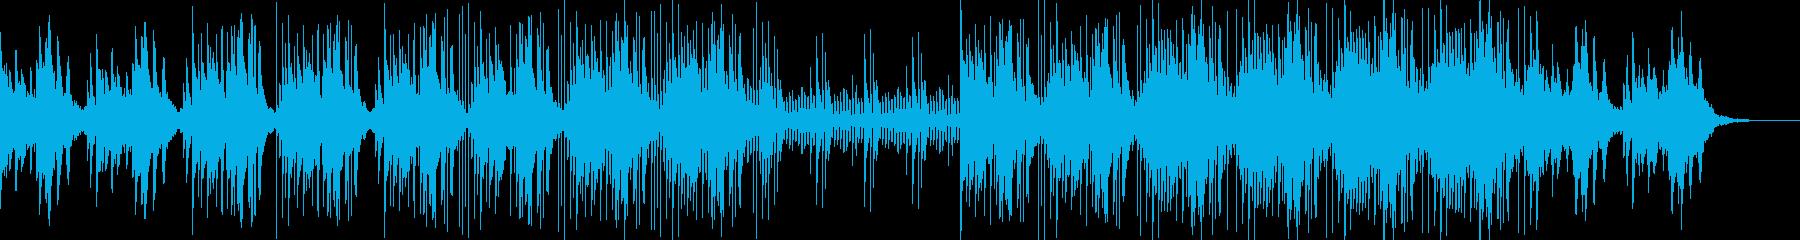 ドリーミーなアジアン調BGMの再生済みの波形